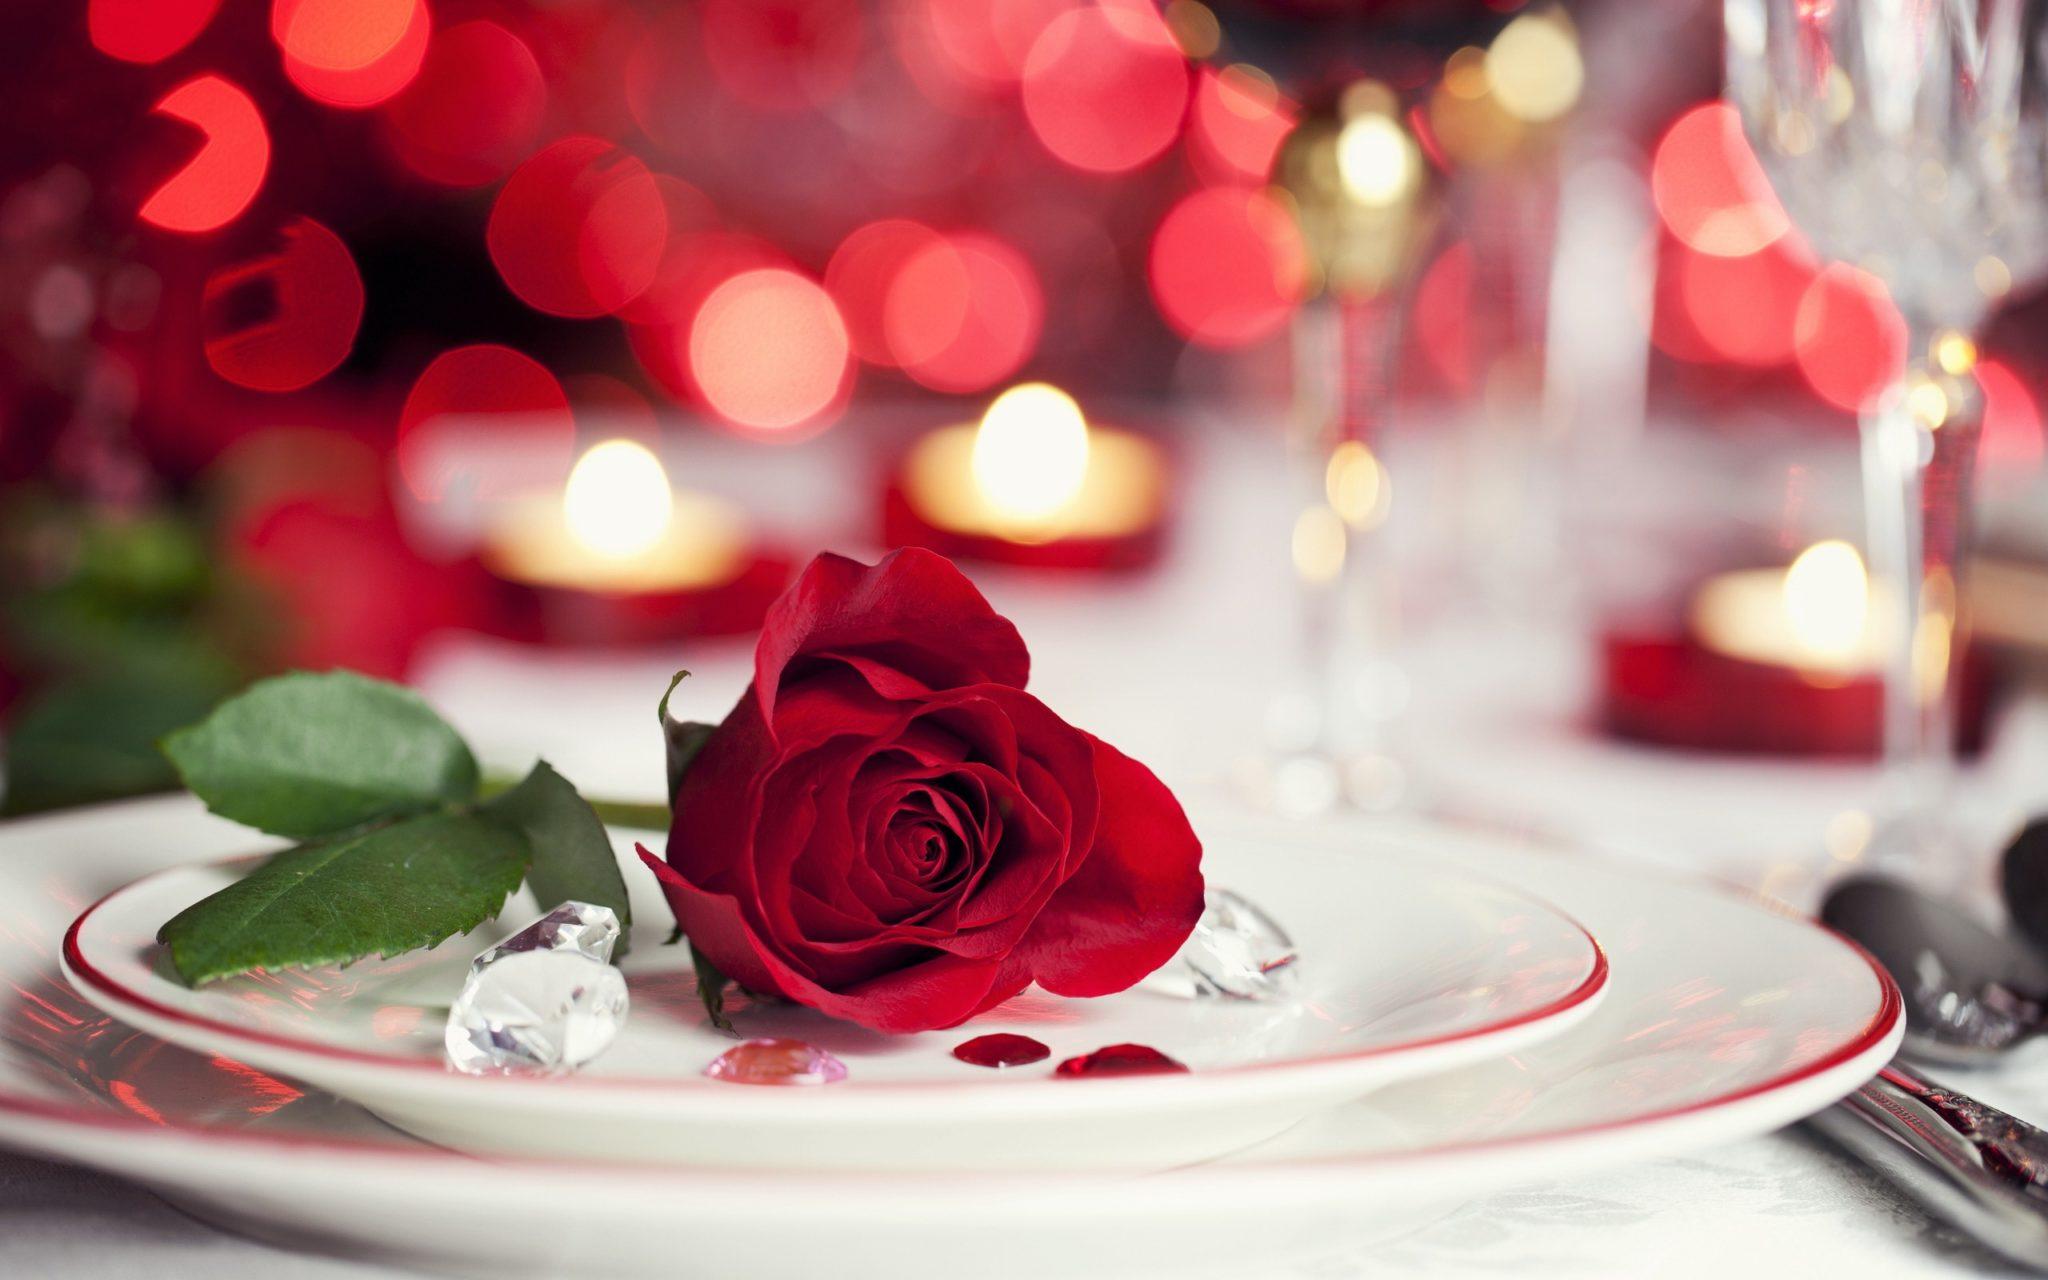 بالصور صور ورد حلوه , احلى الورود واجملها بكل الالوان والاصناف 972 11